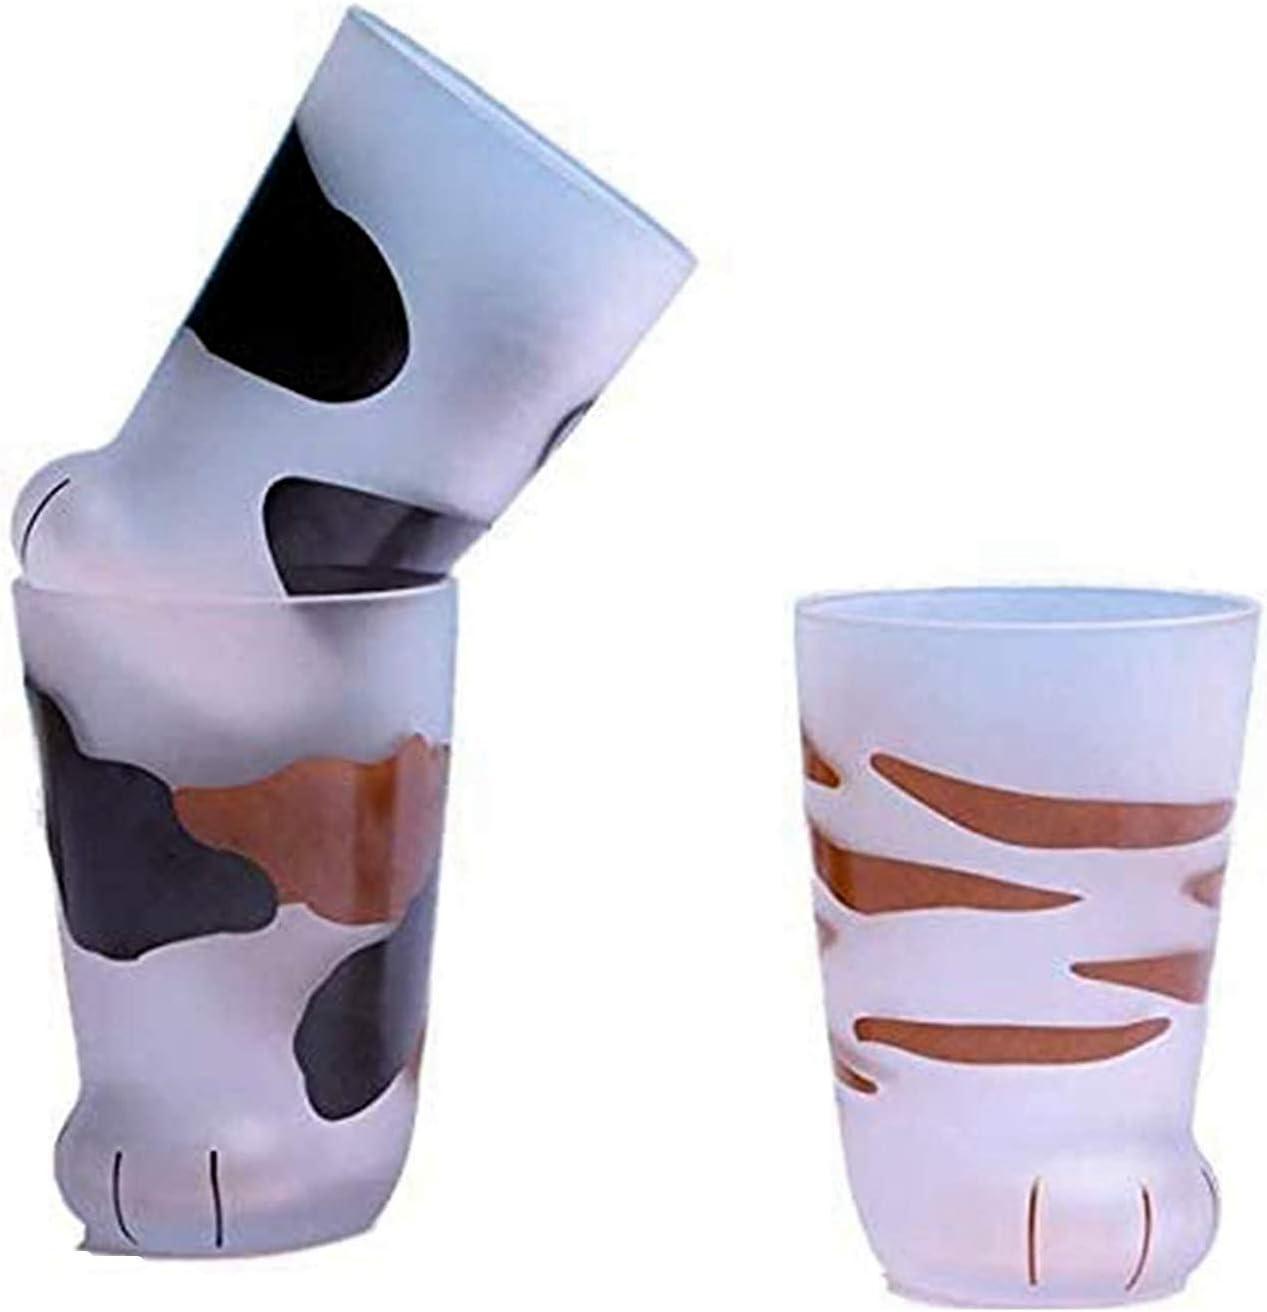 Whiskey Glass Cup Present Tassen Katzenpfote Fr/ühst/ückstasse 1 pcs QWEWQE 300 MlCat Paw Glass Tea Cups Milch Saft Heat resistent Handmade Milk Mug Valentines Gift f/ür Kaffee